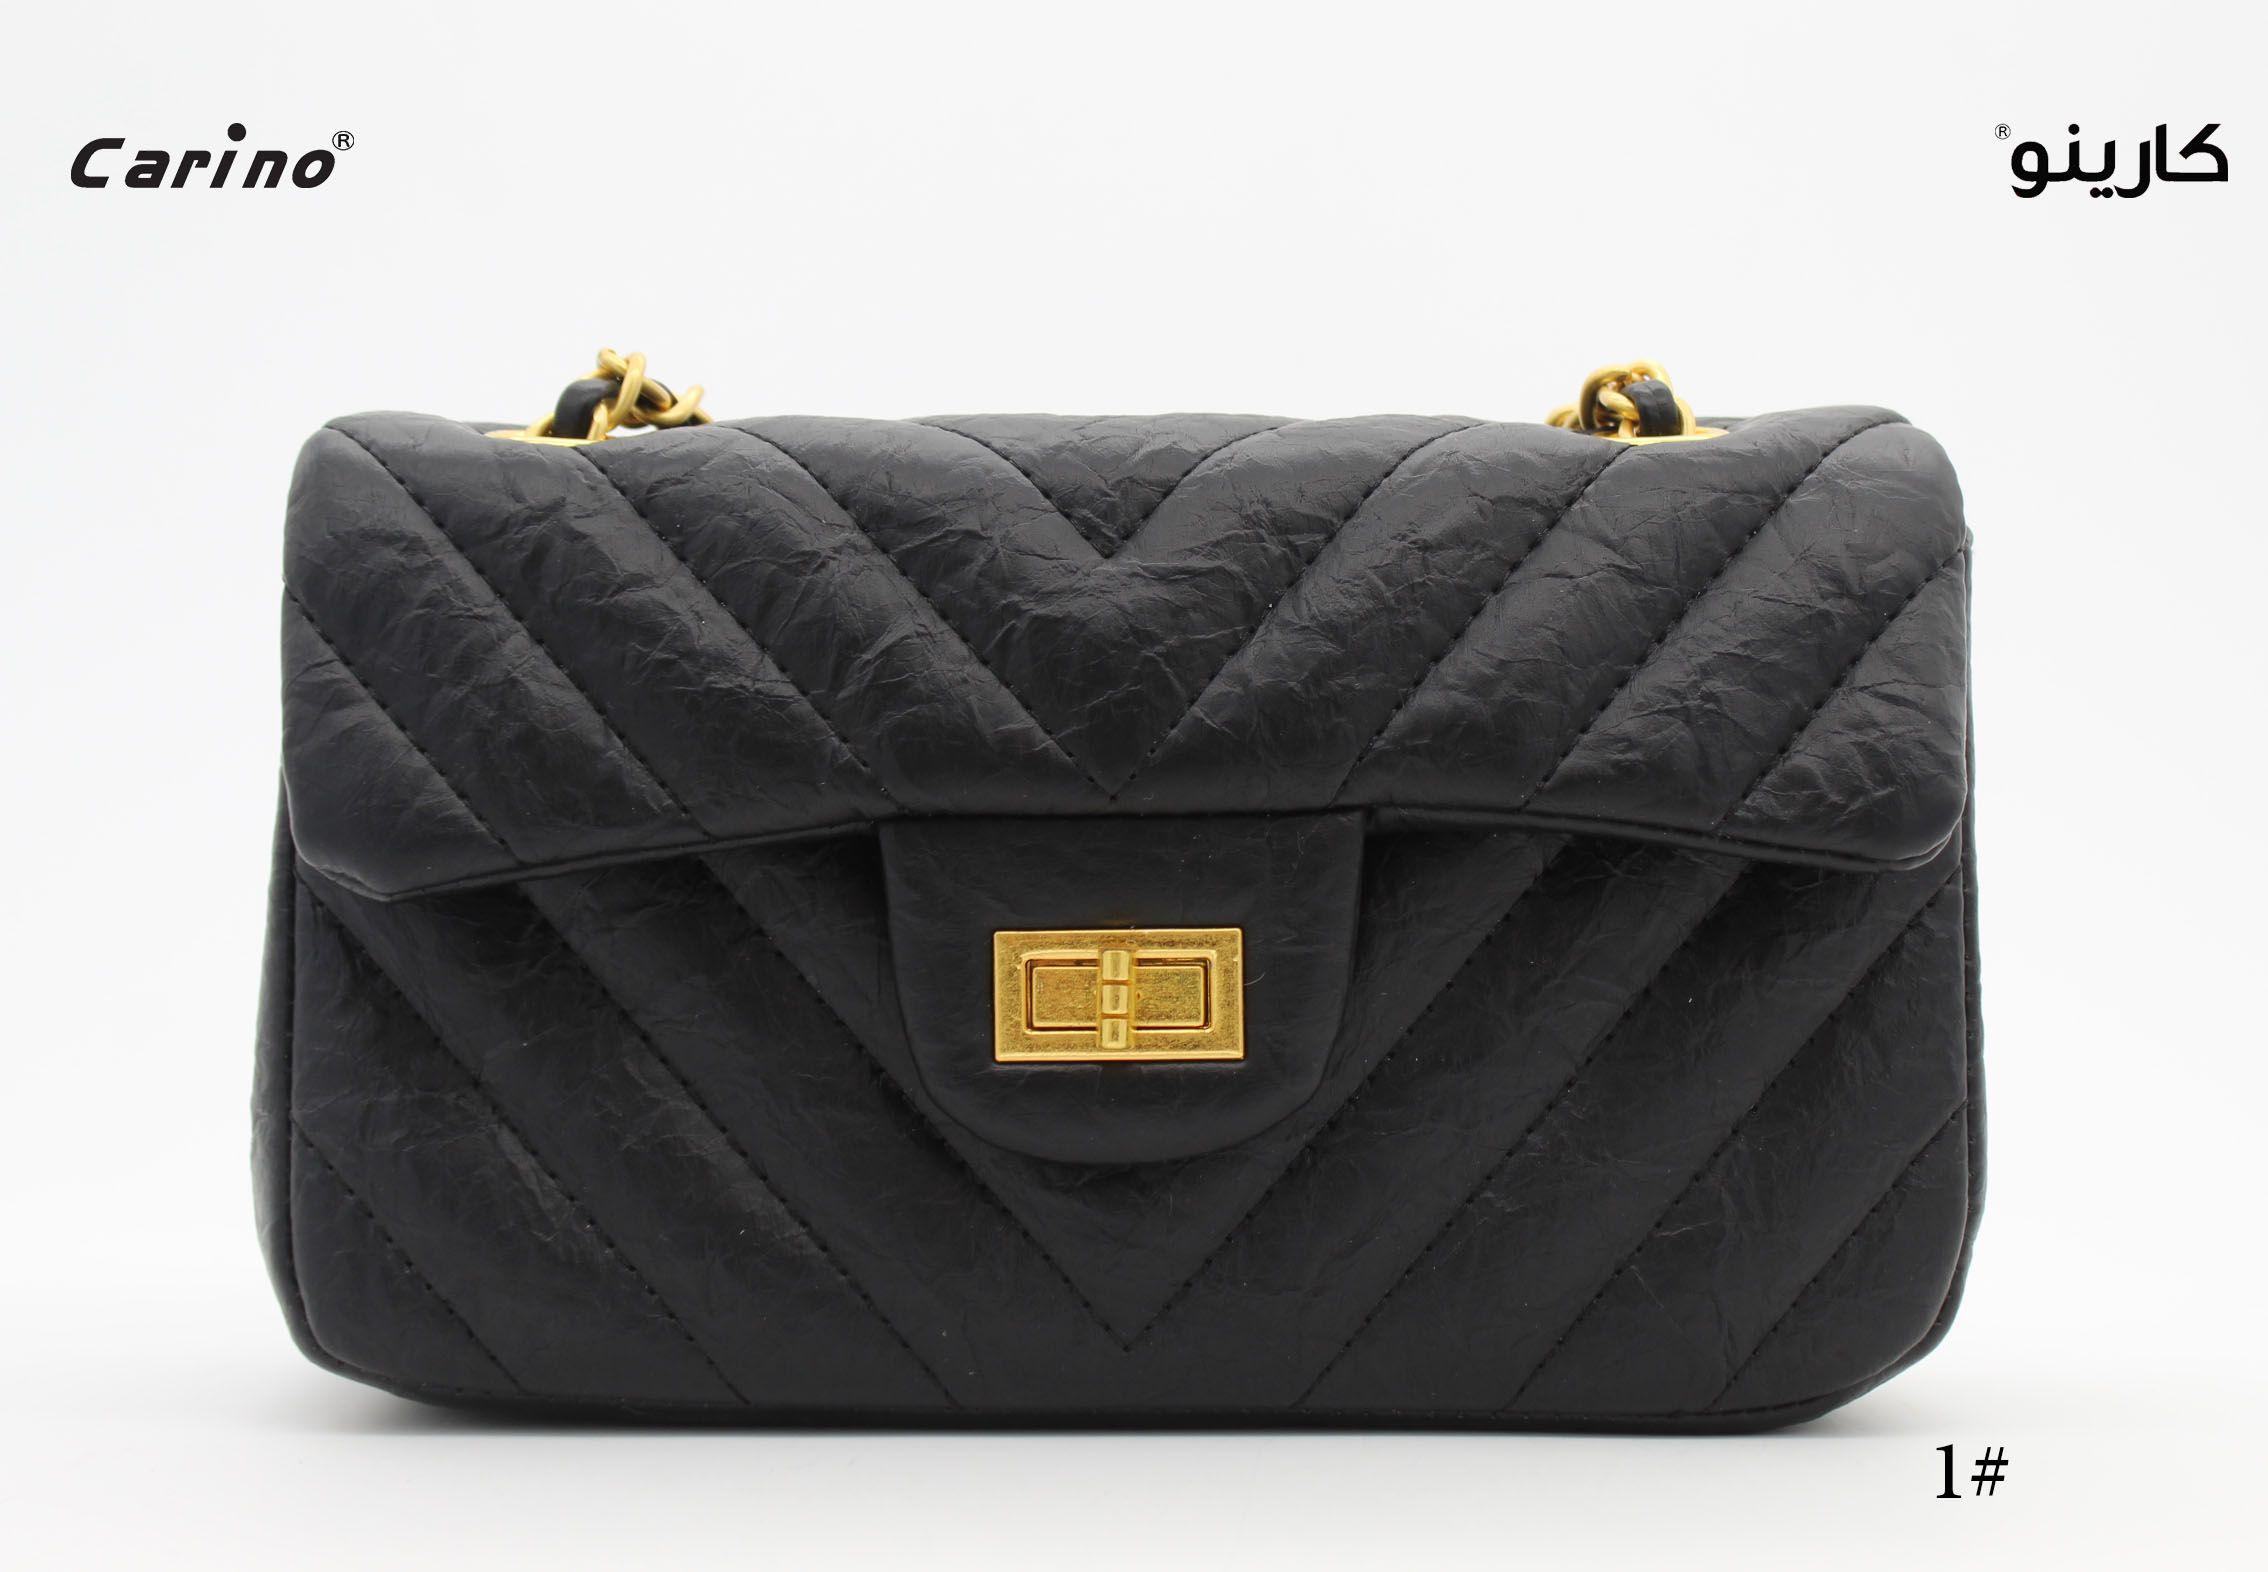 شنطة كارينو وسط كارينو Bags Fashion Today Cool Style